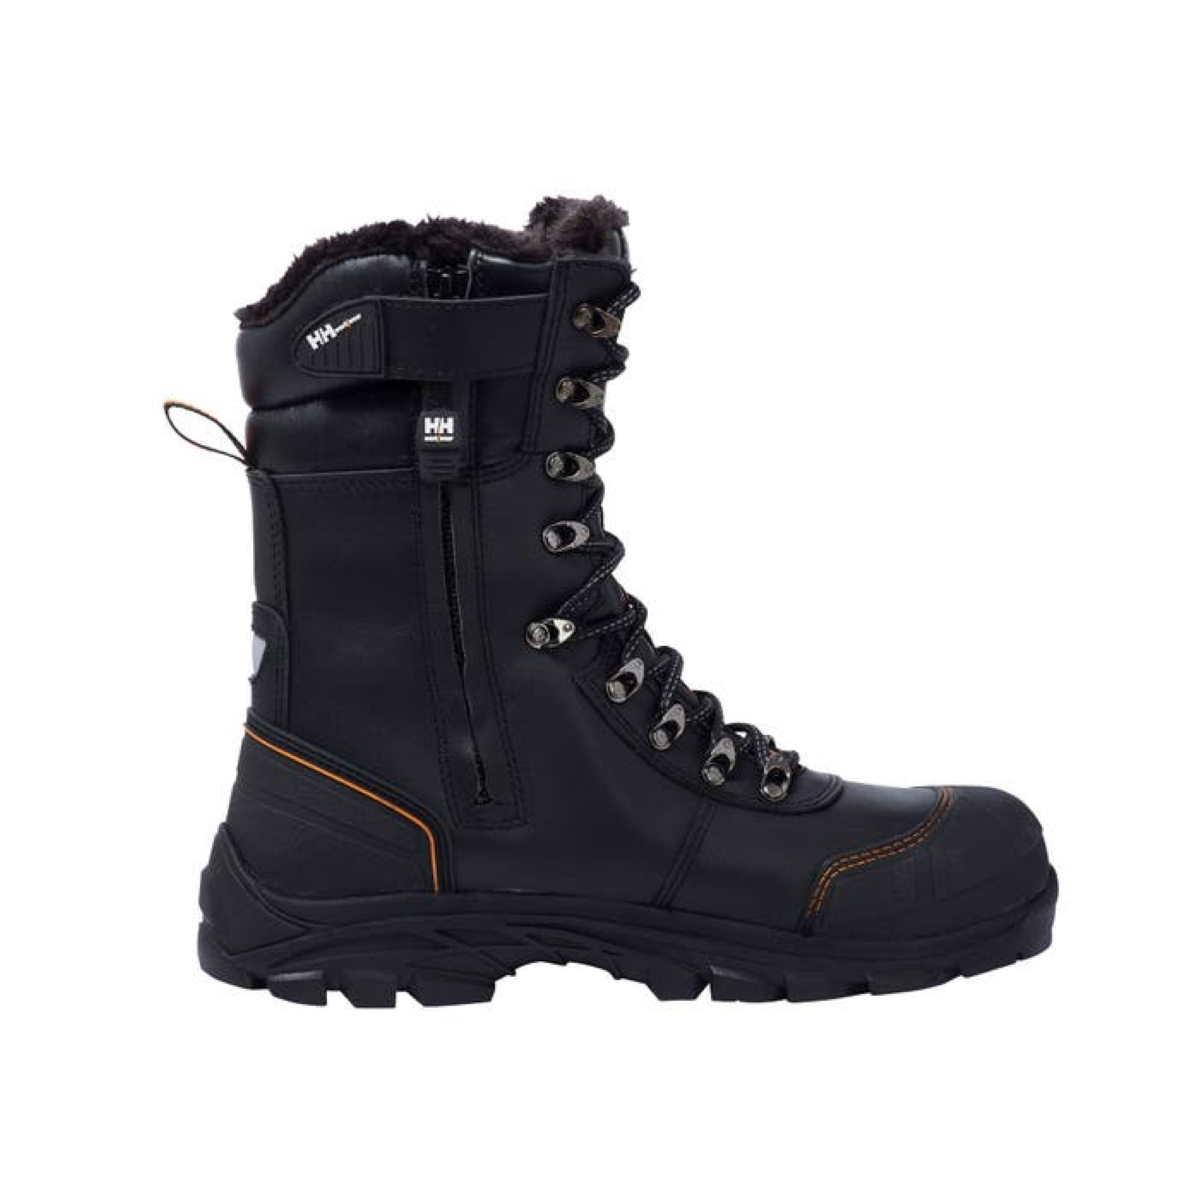 SF7830 Helly Hansen Chelsea Waterproof Winter Boot Side 2